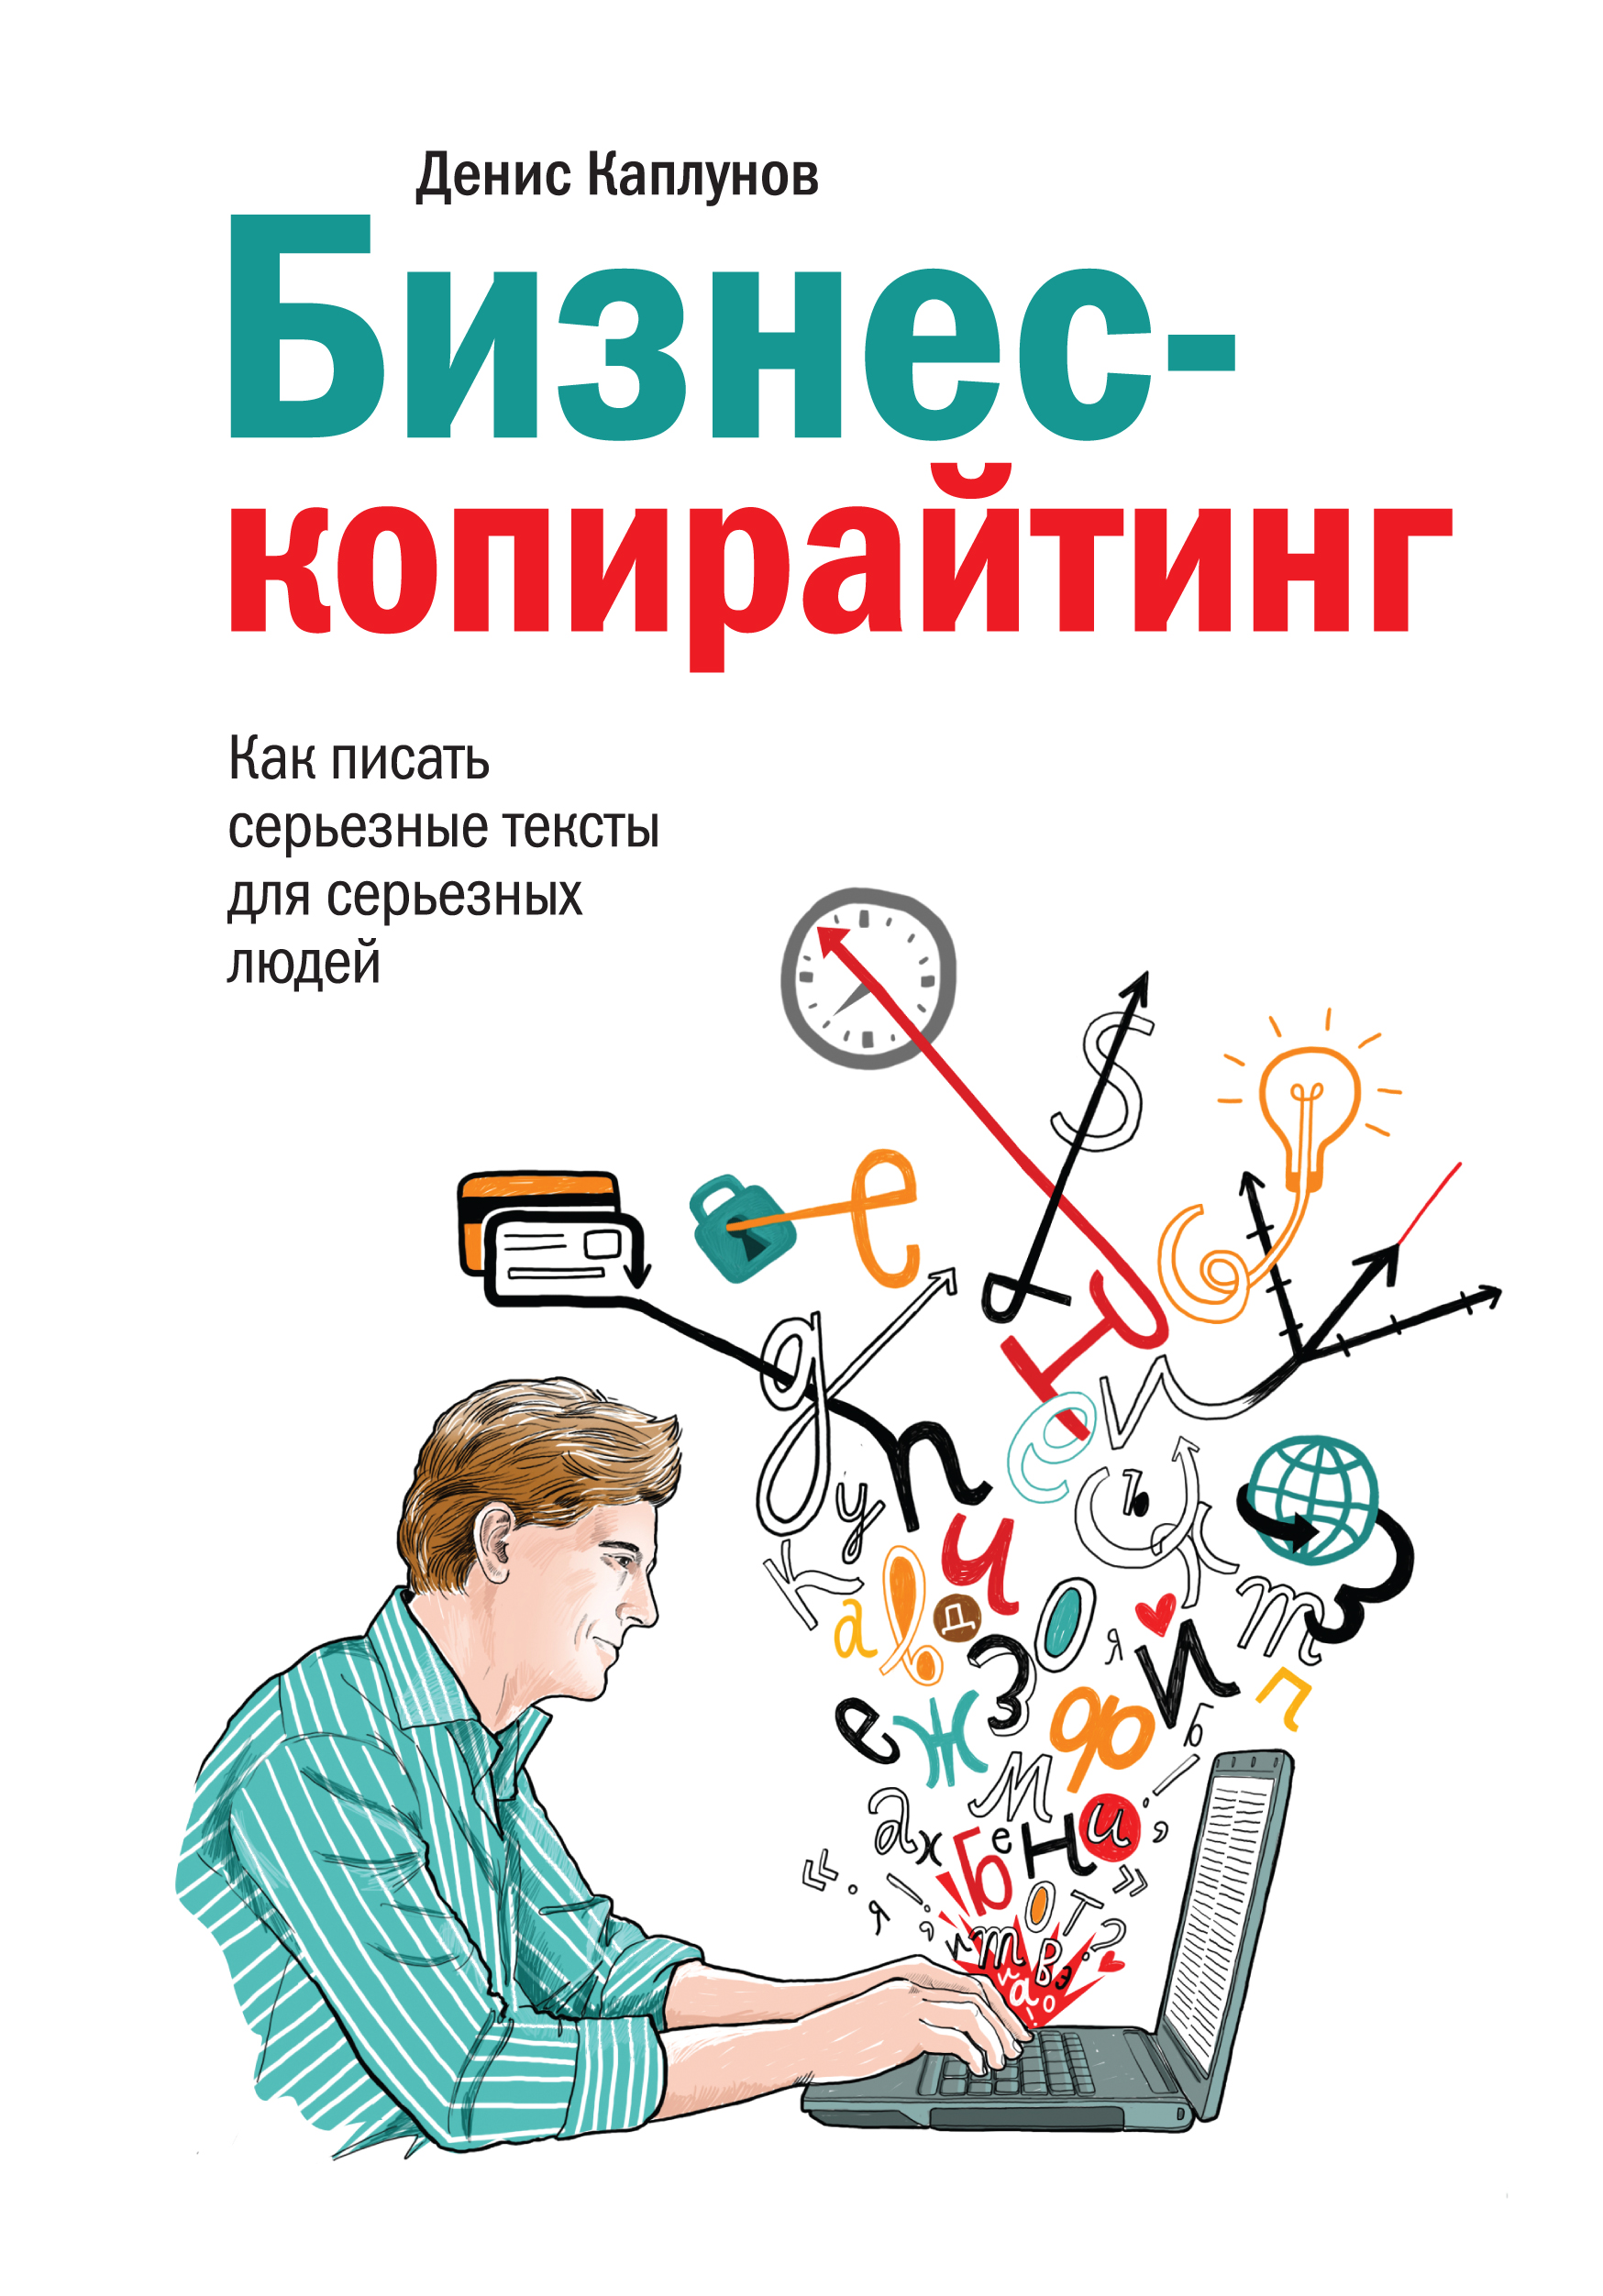 Бизнес-копирайтинг. Как писать серьезные тексты для серьезных людей от book24.ru